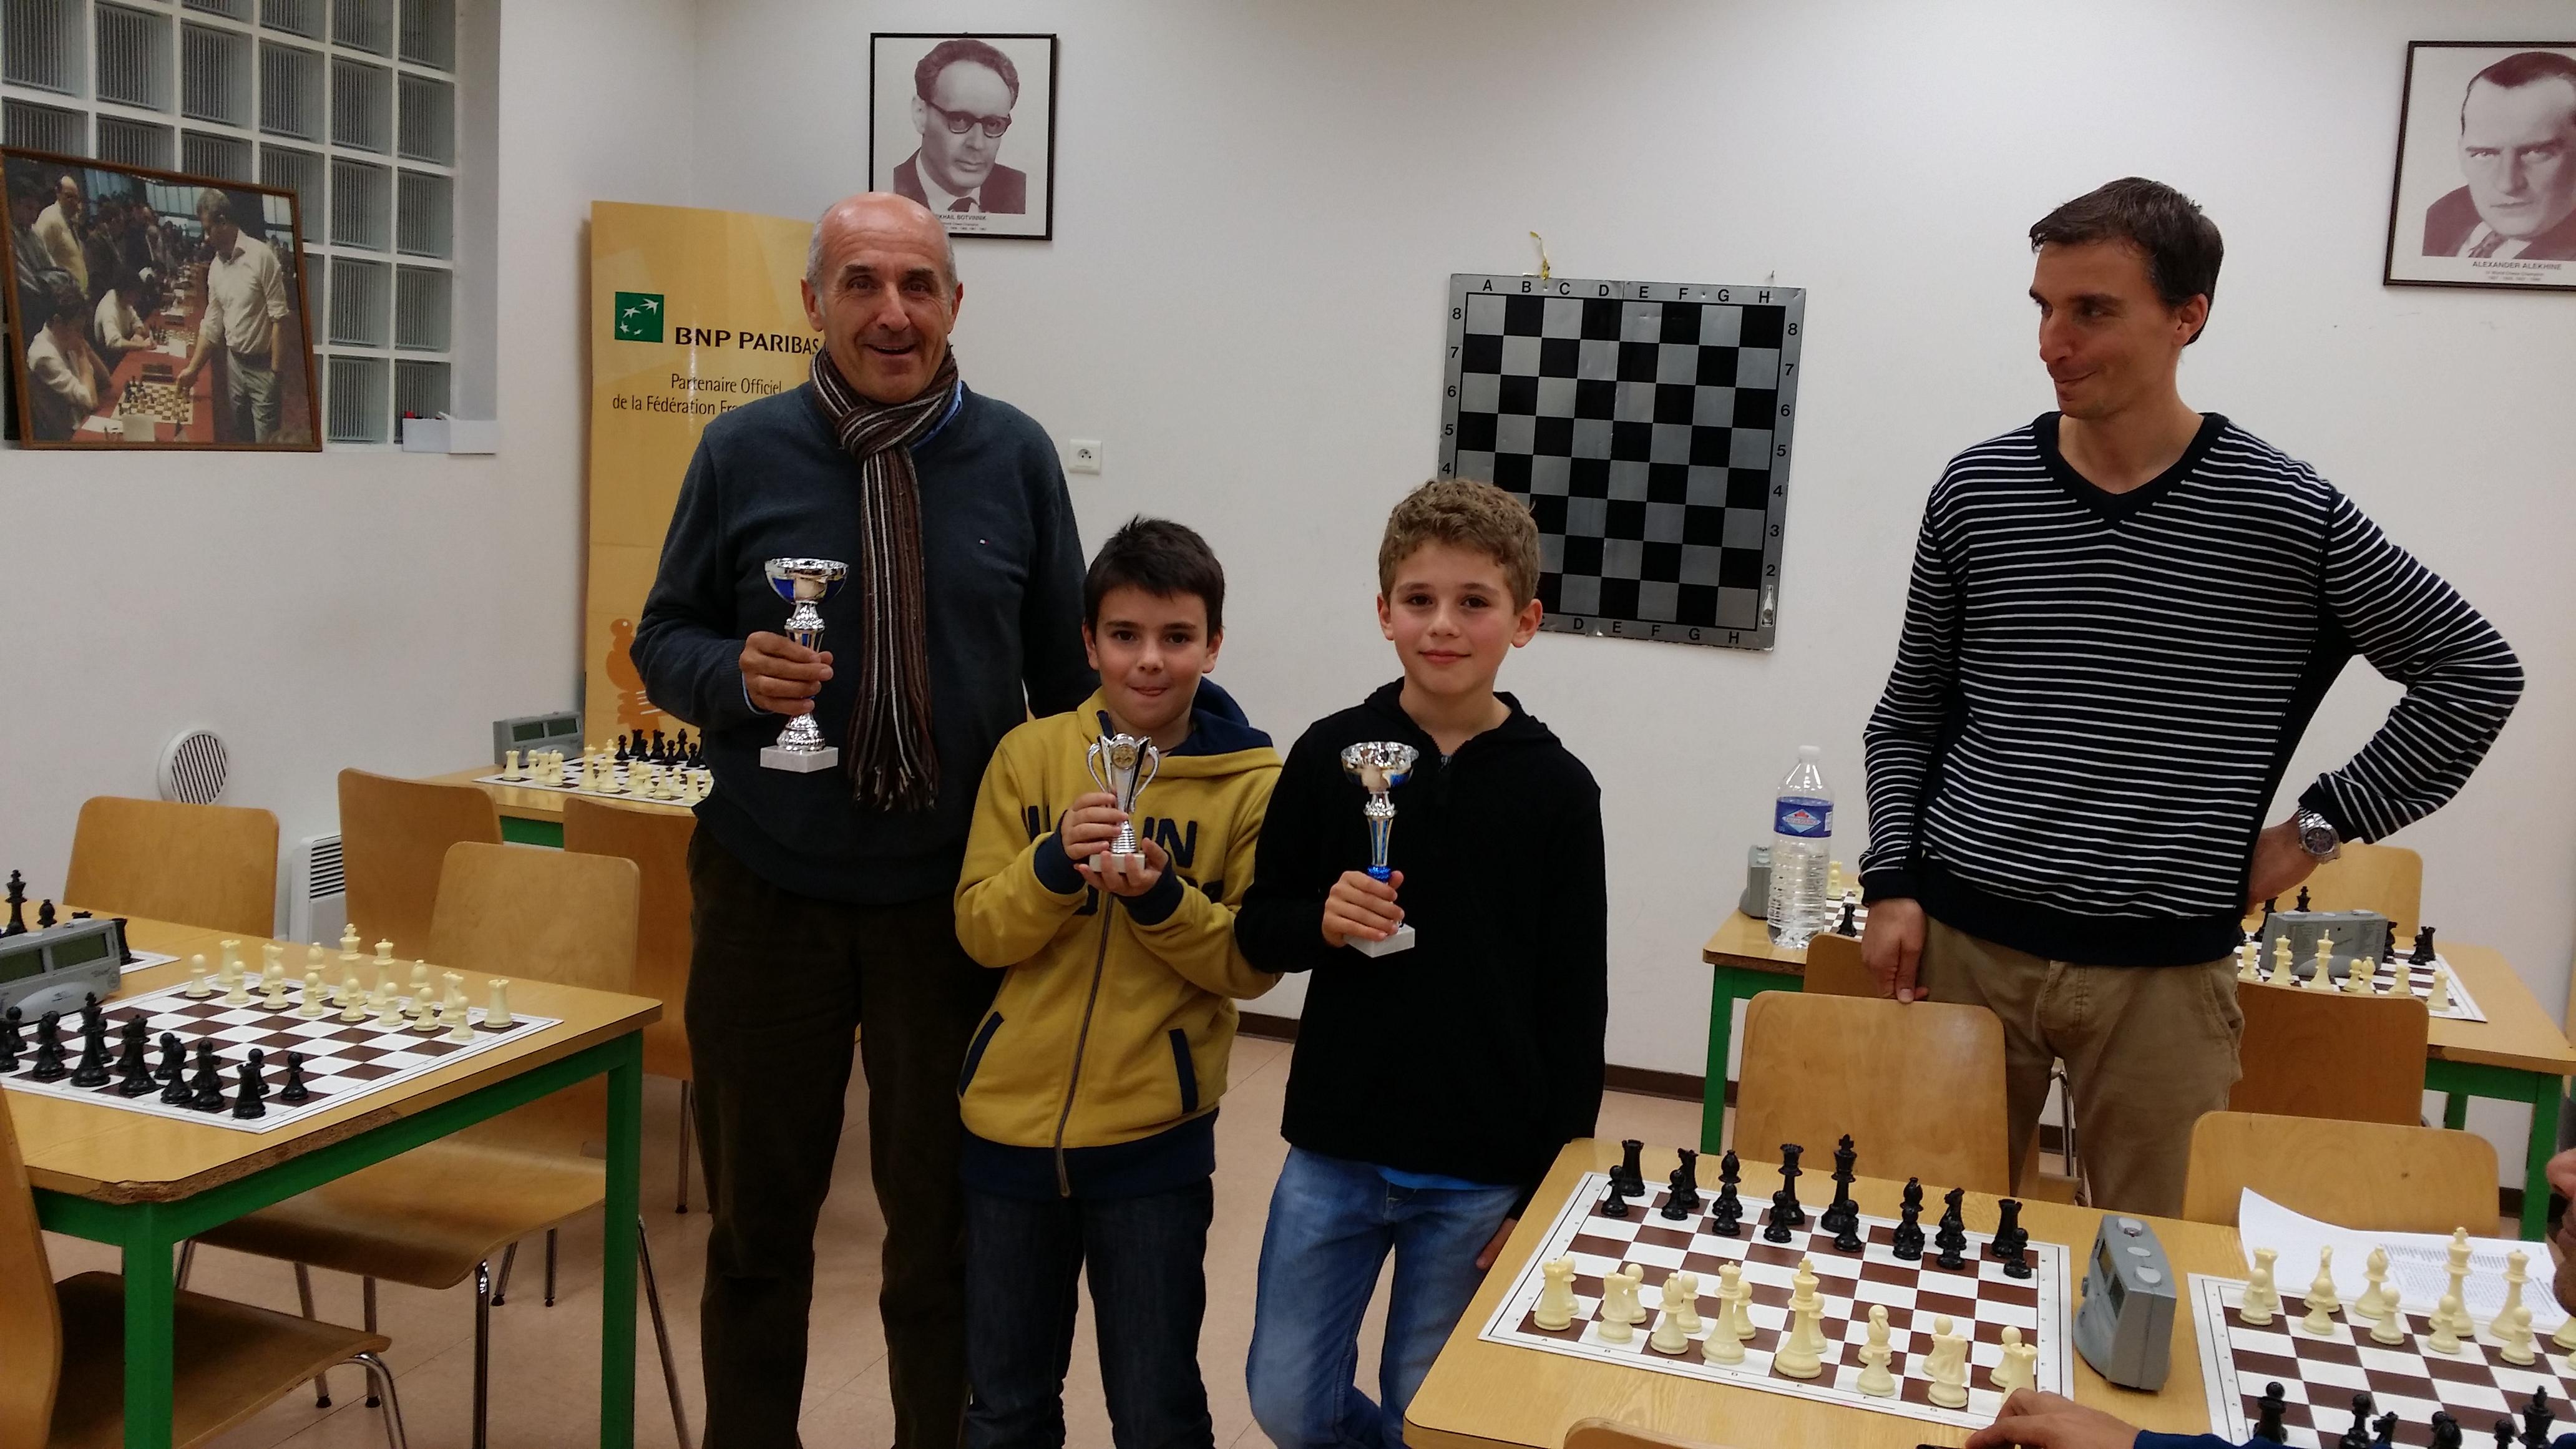 Le podium du tournoi ( avec Nils qui récupère la coupe pour son grand frère )